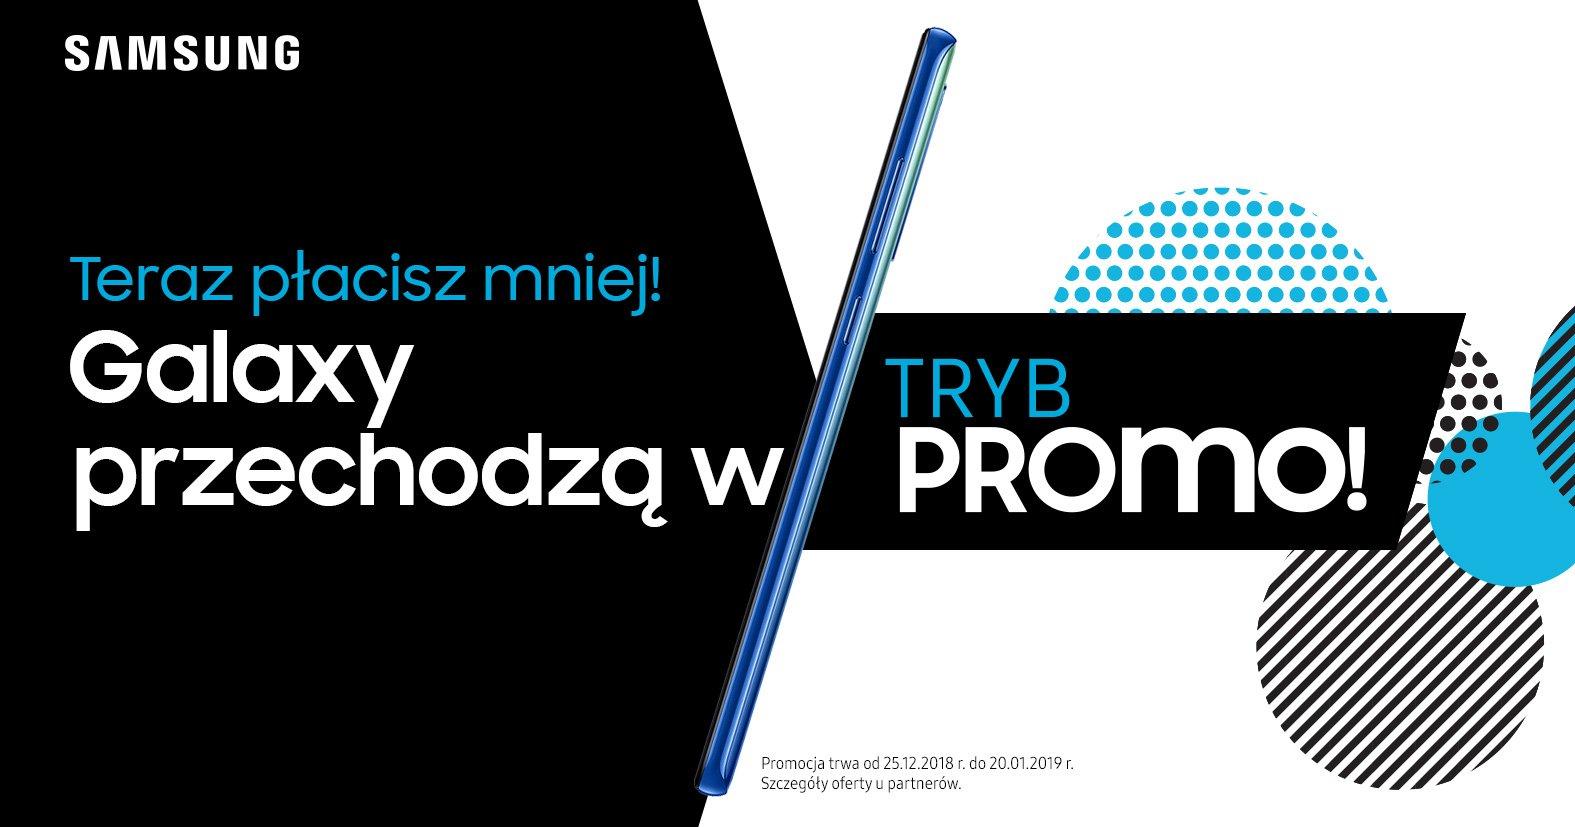 """Samsung wchodzi w """"tryb promo"""" i oferuje wybrane modele smartfonów i tabletów w niższych cenach 17"""